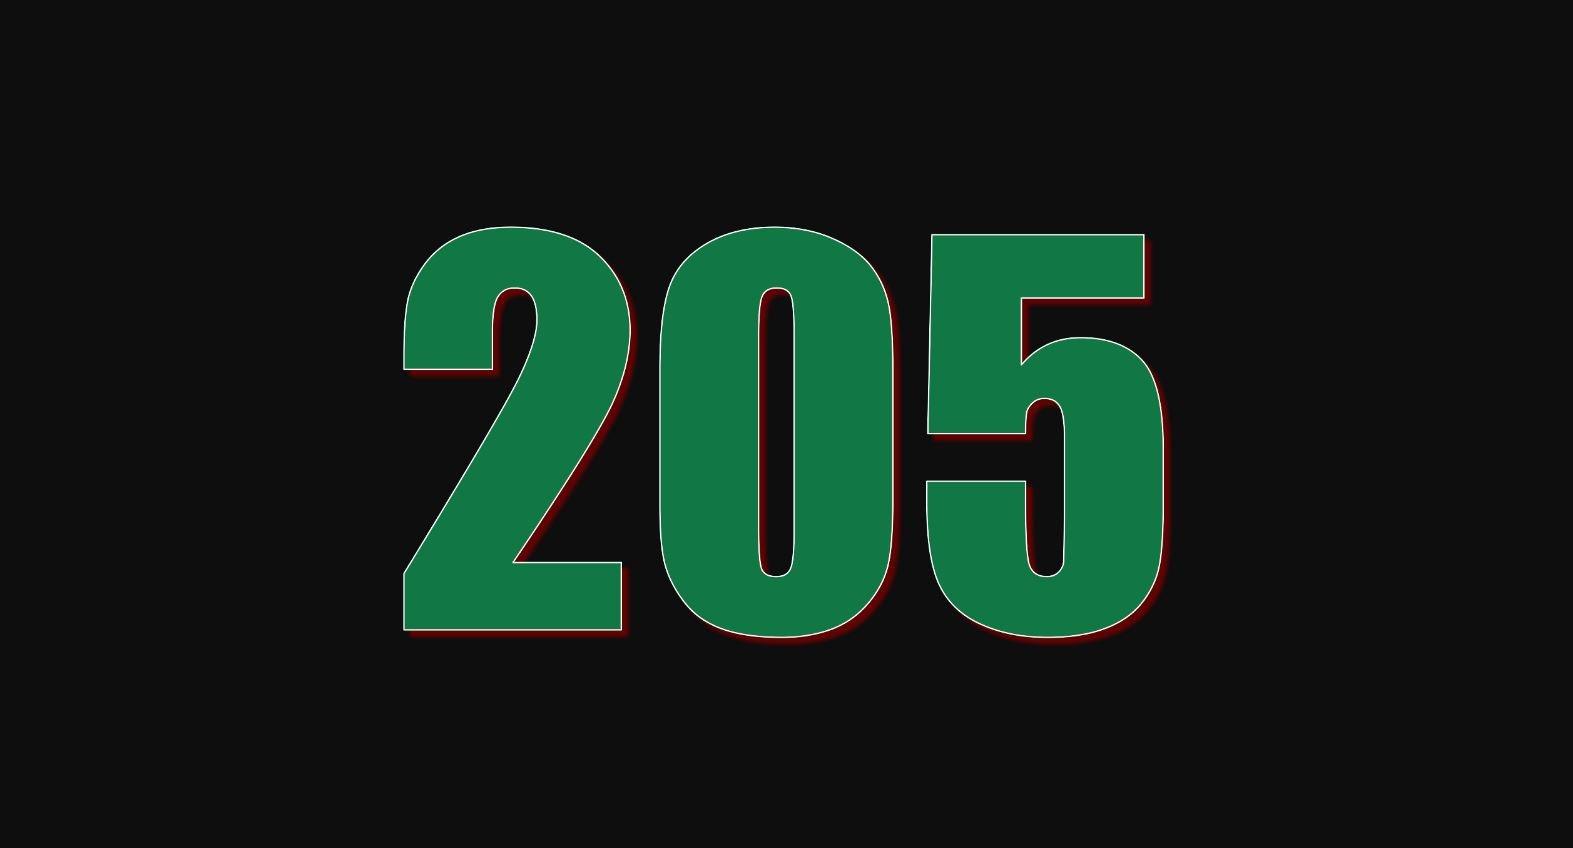 Il significato del numero 205